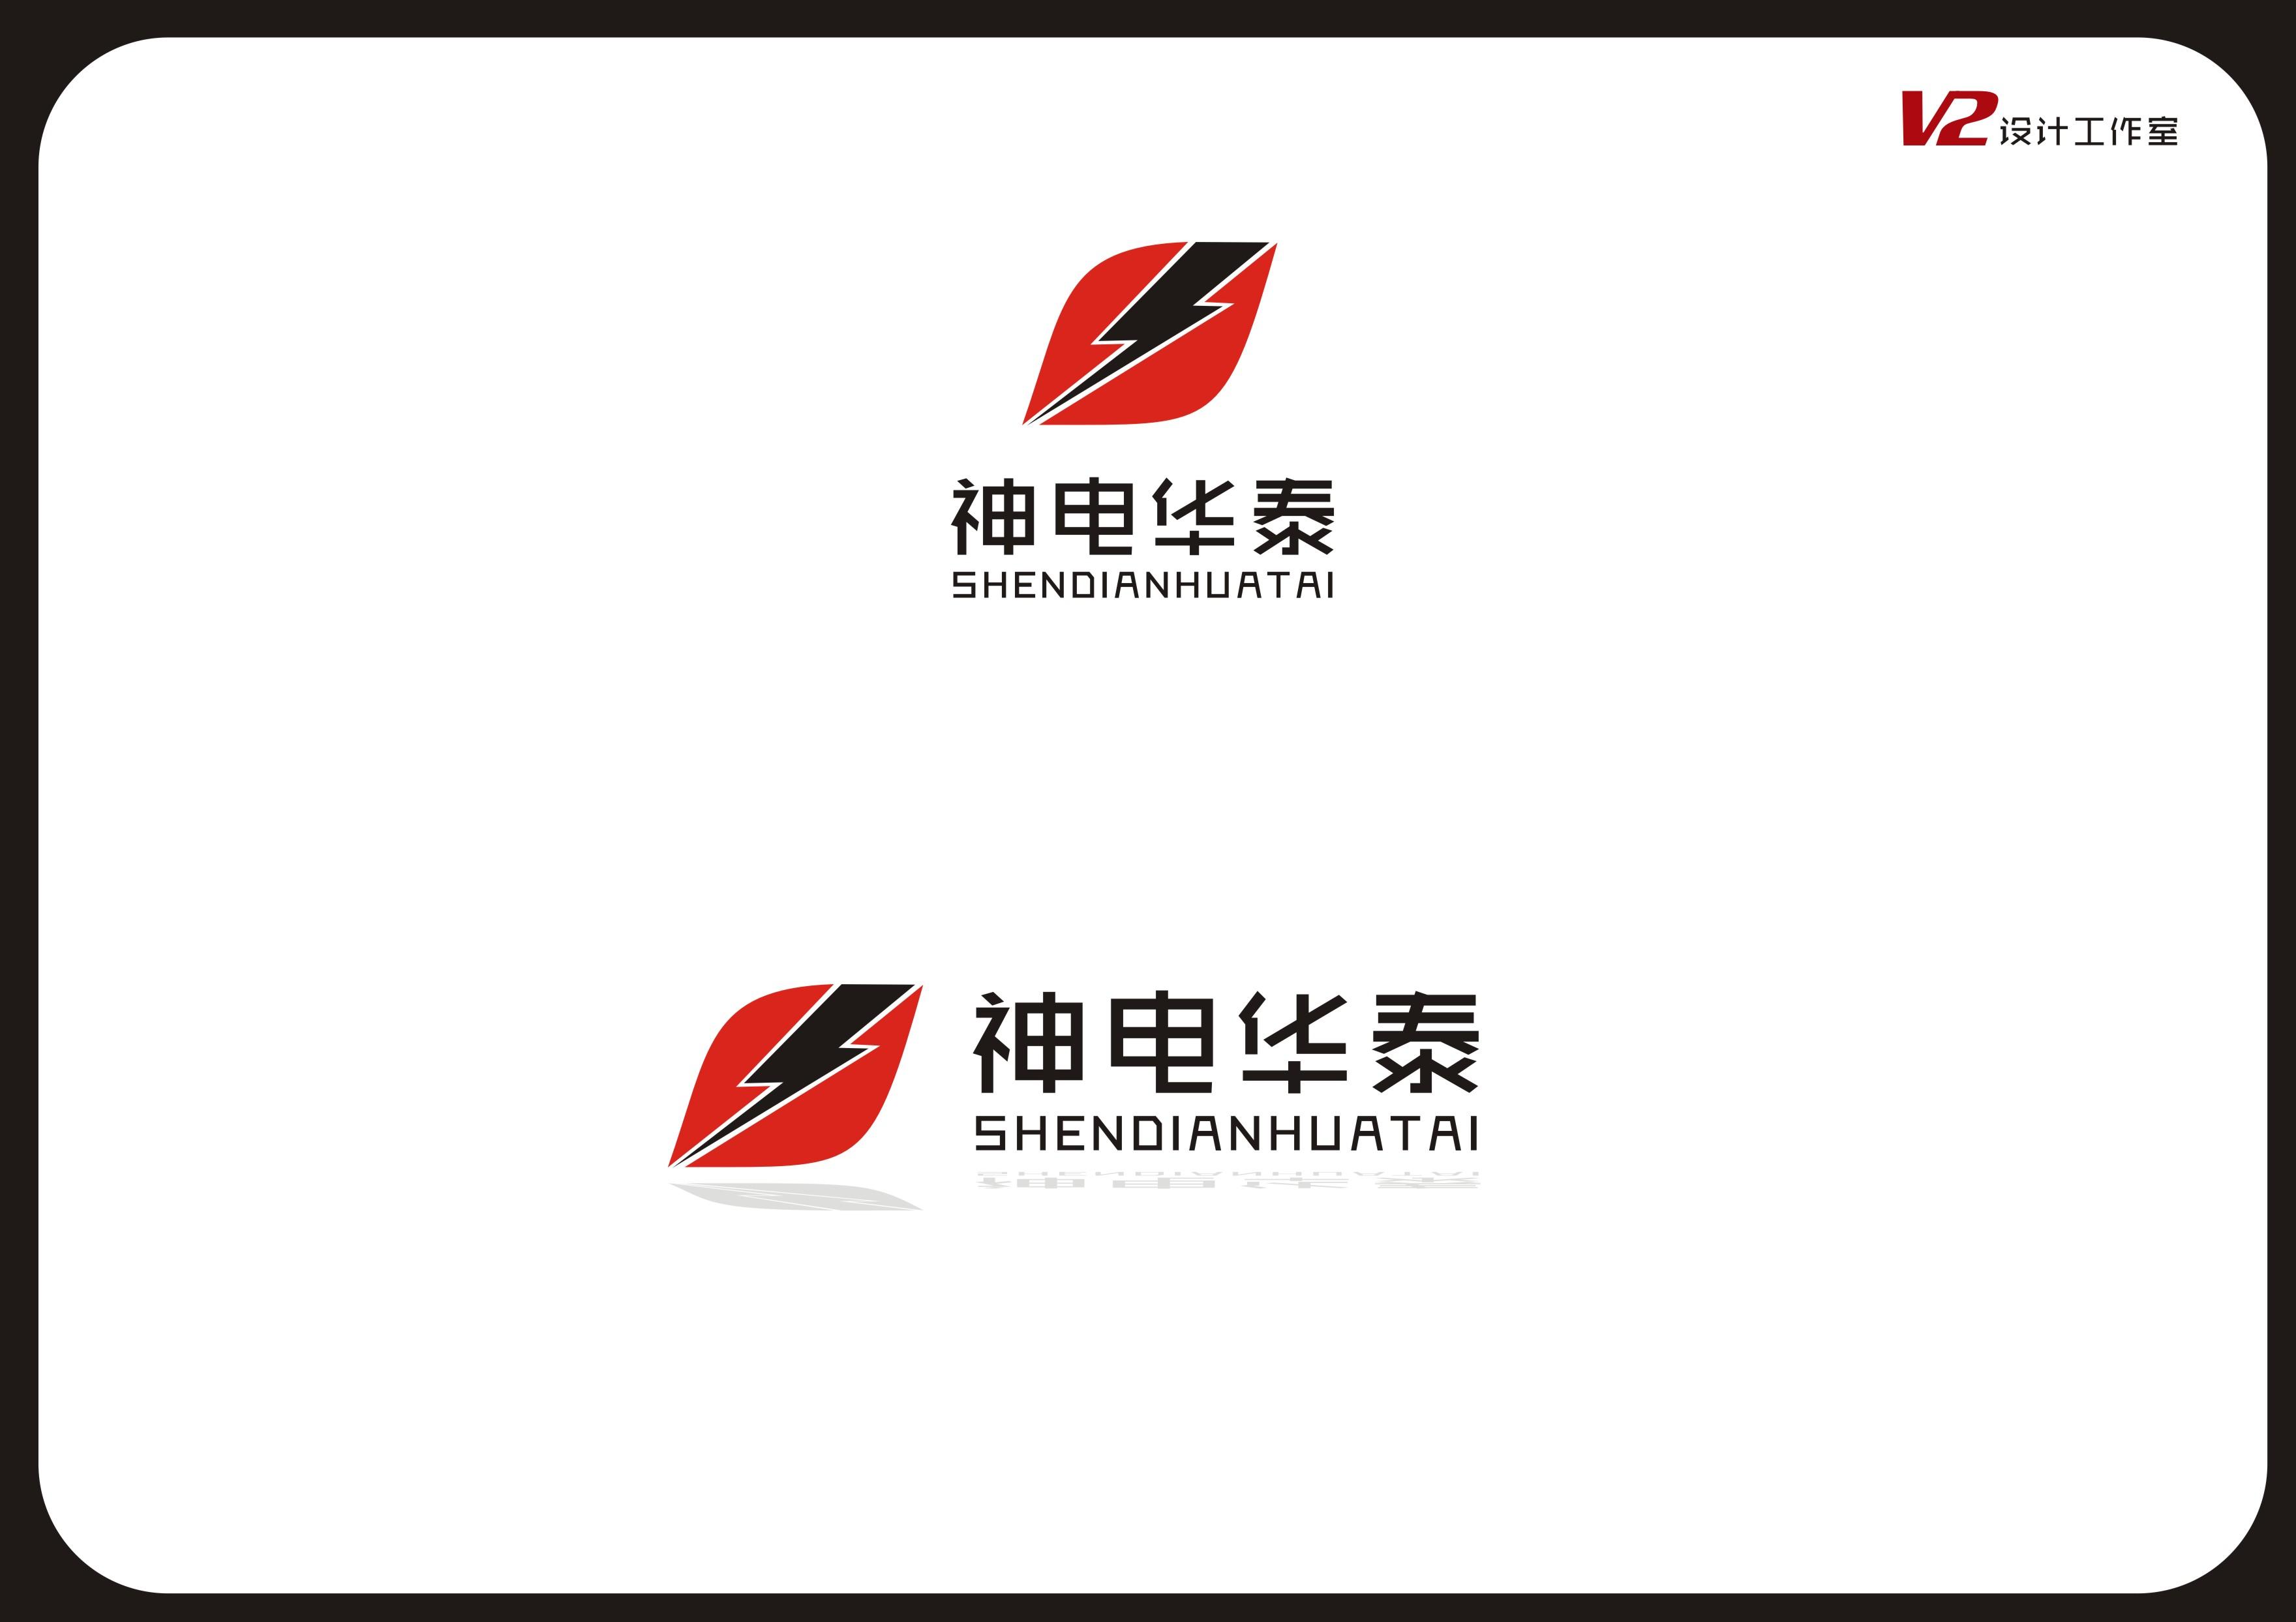 内蒙古 某公司征集logo设计